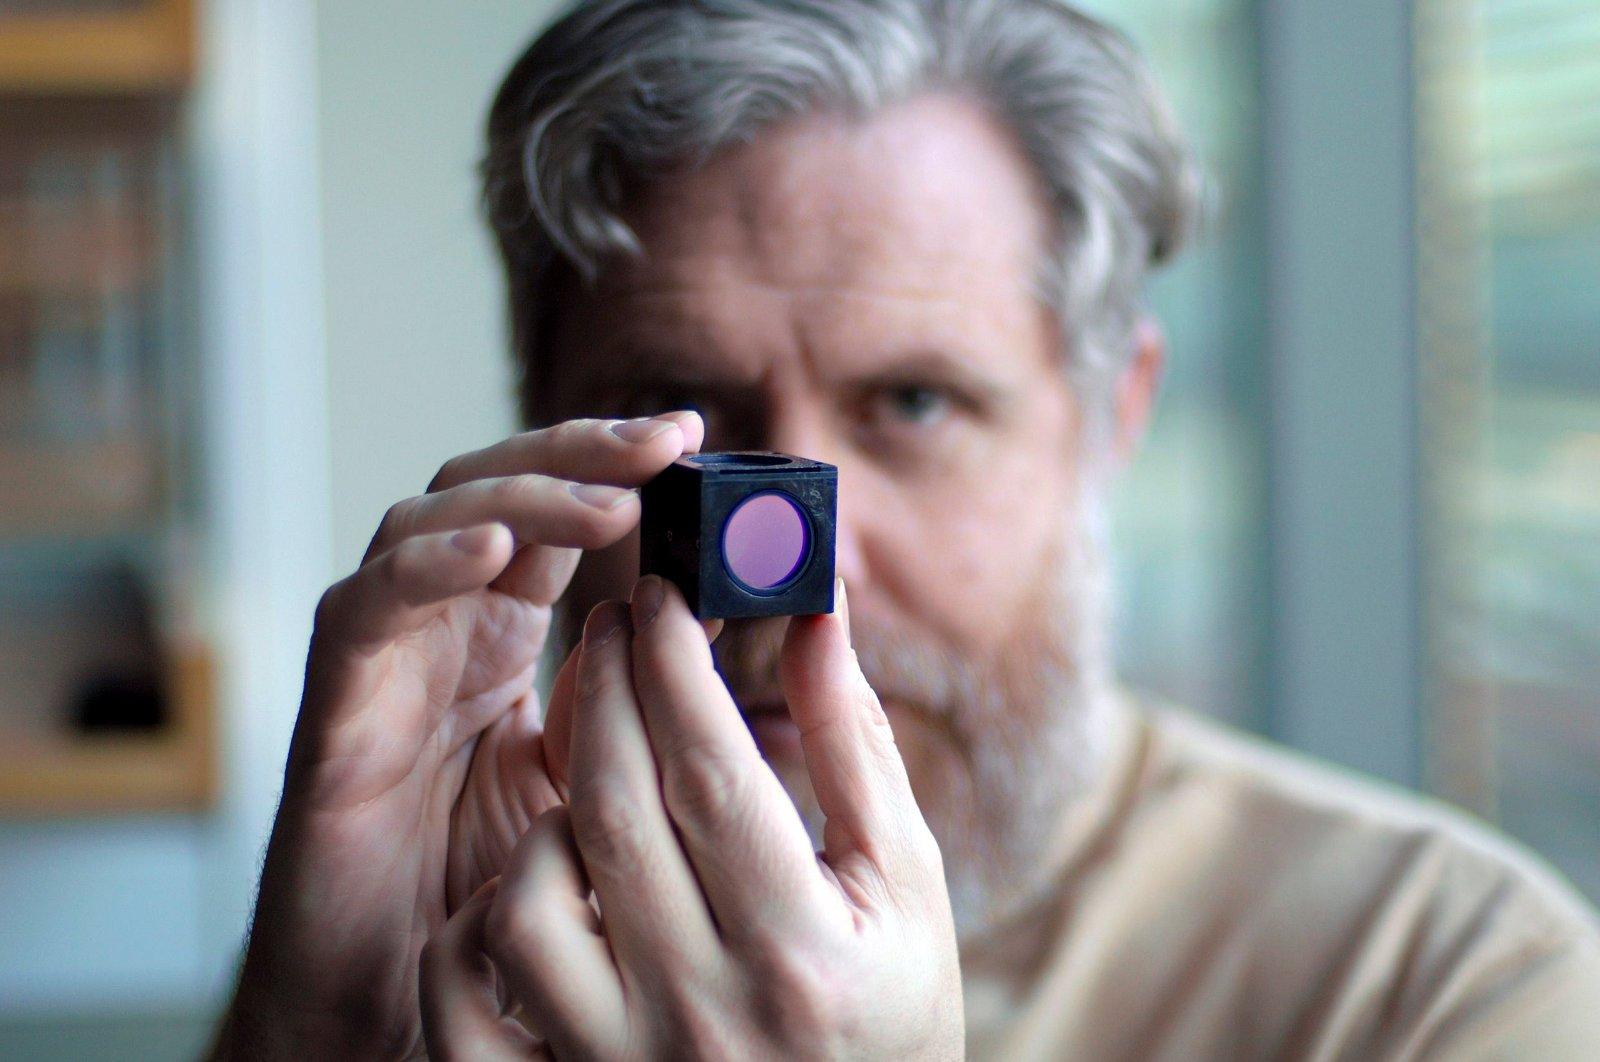 Le chercheur américain George Church montre le composant d'un séquenceur d'ADN